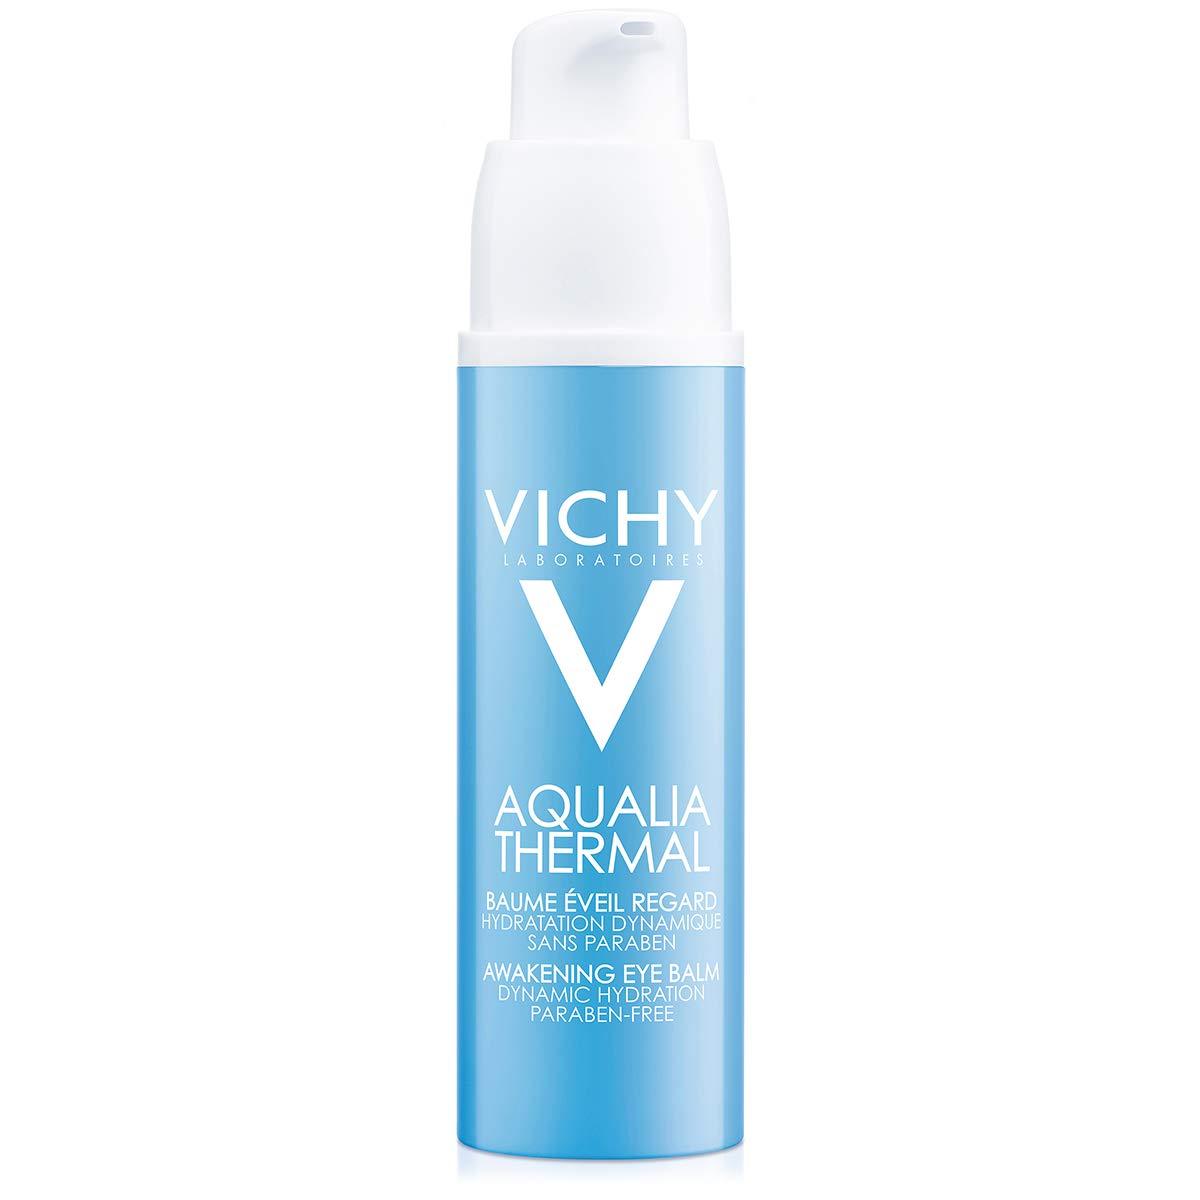 Vichy Aqualia Thermal Awakening Eye Balm, 0.5 Fl. Oz. by Vichy